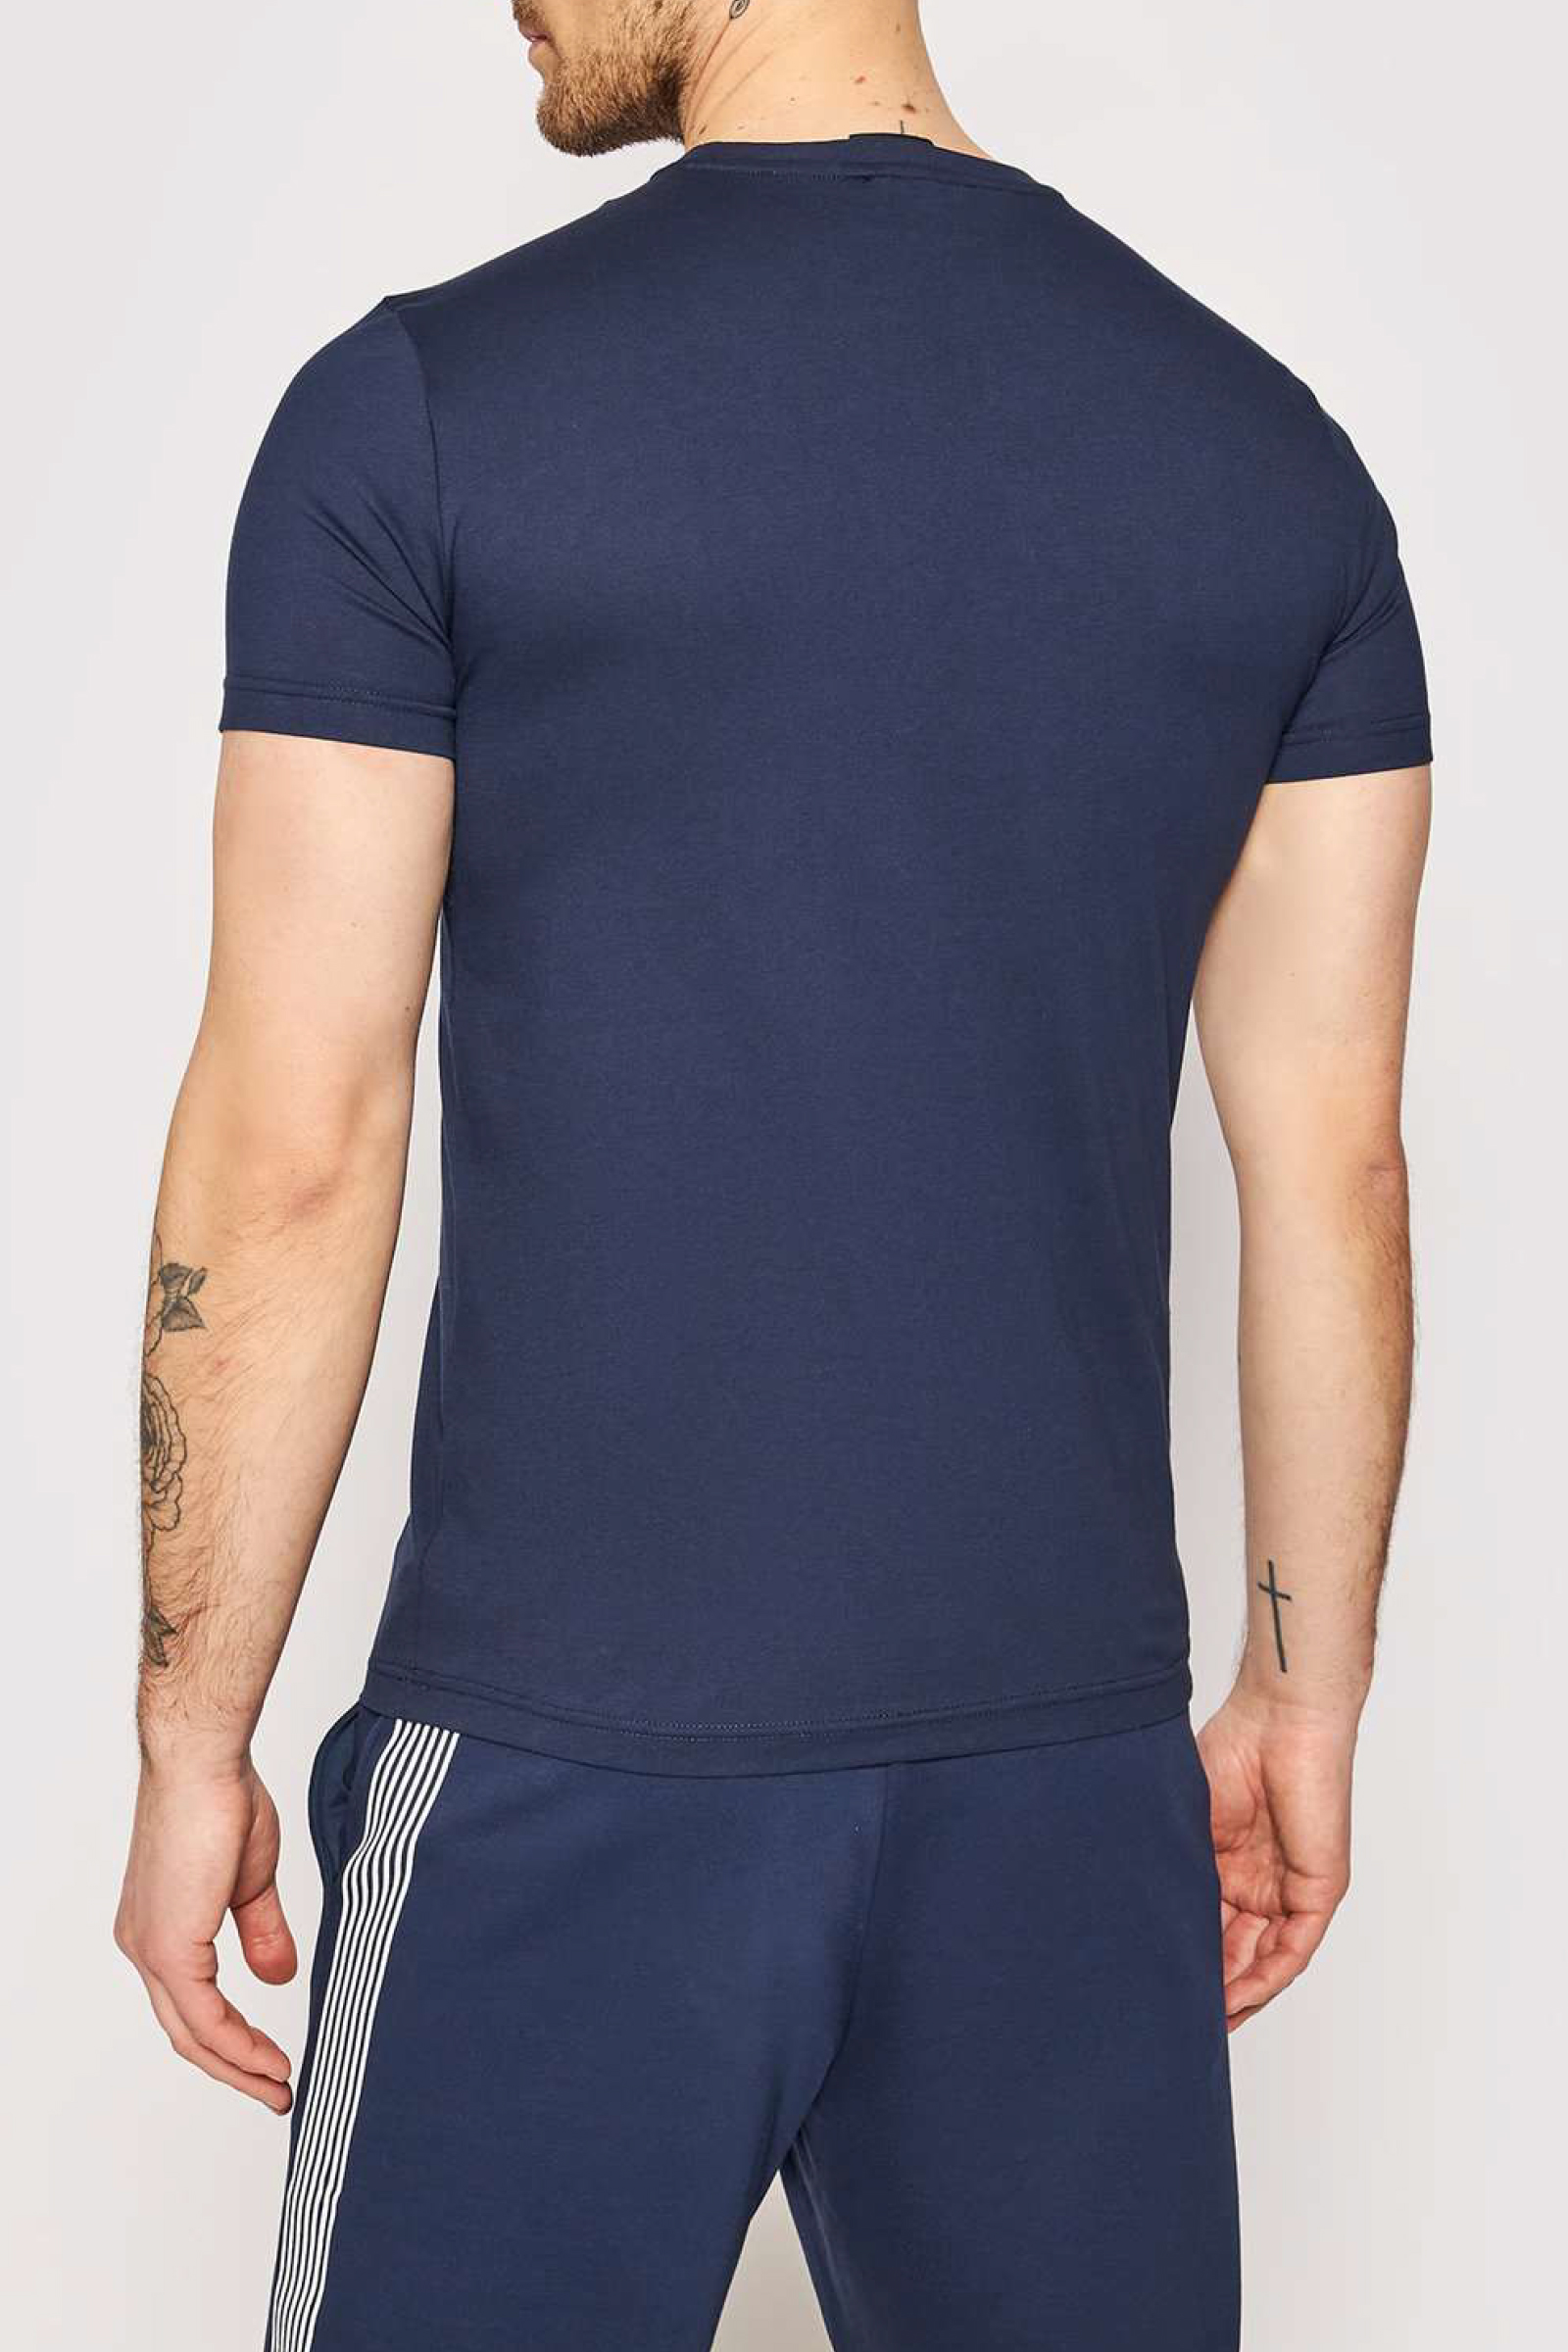 ARMANI EA7 T-Shirt Uomo ARMANI EA7 | T-Shirt | 3KPT39 PJ02Z1554